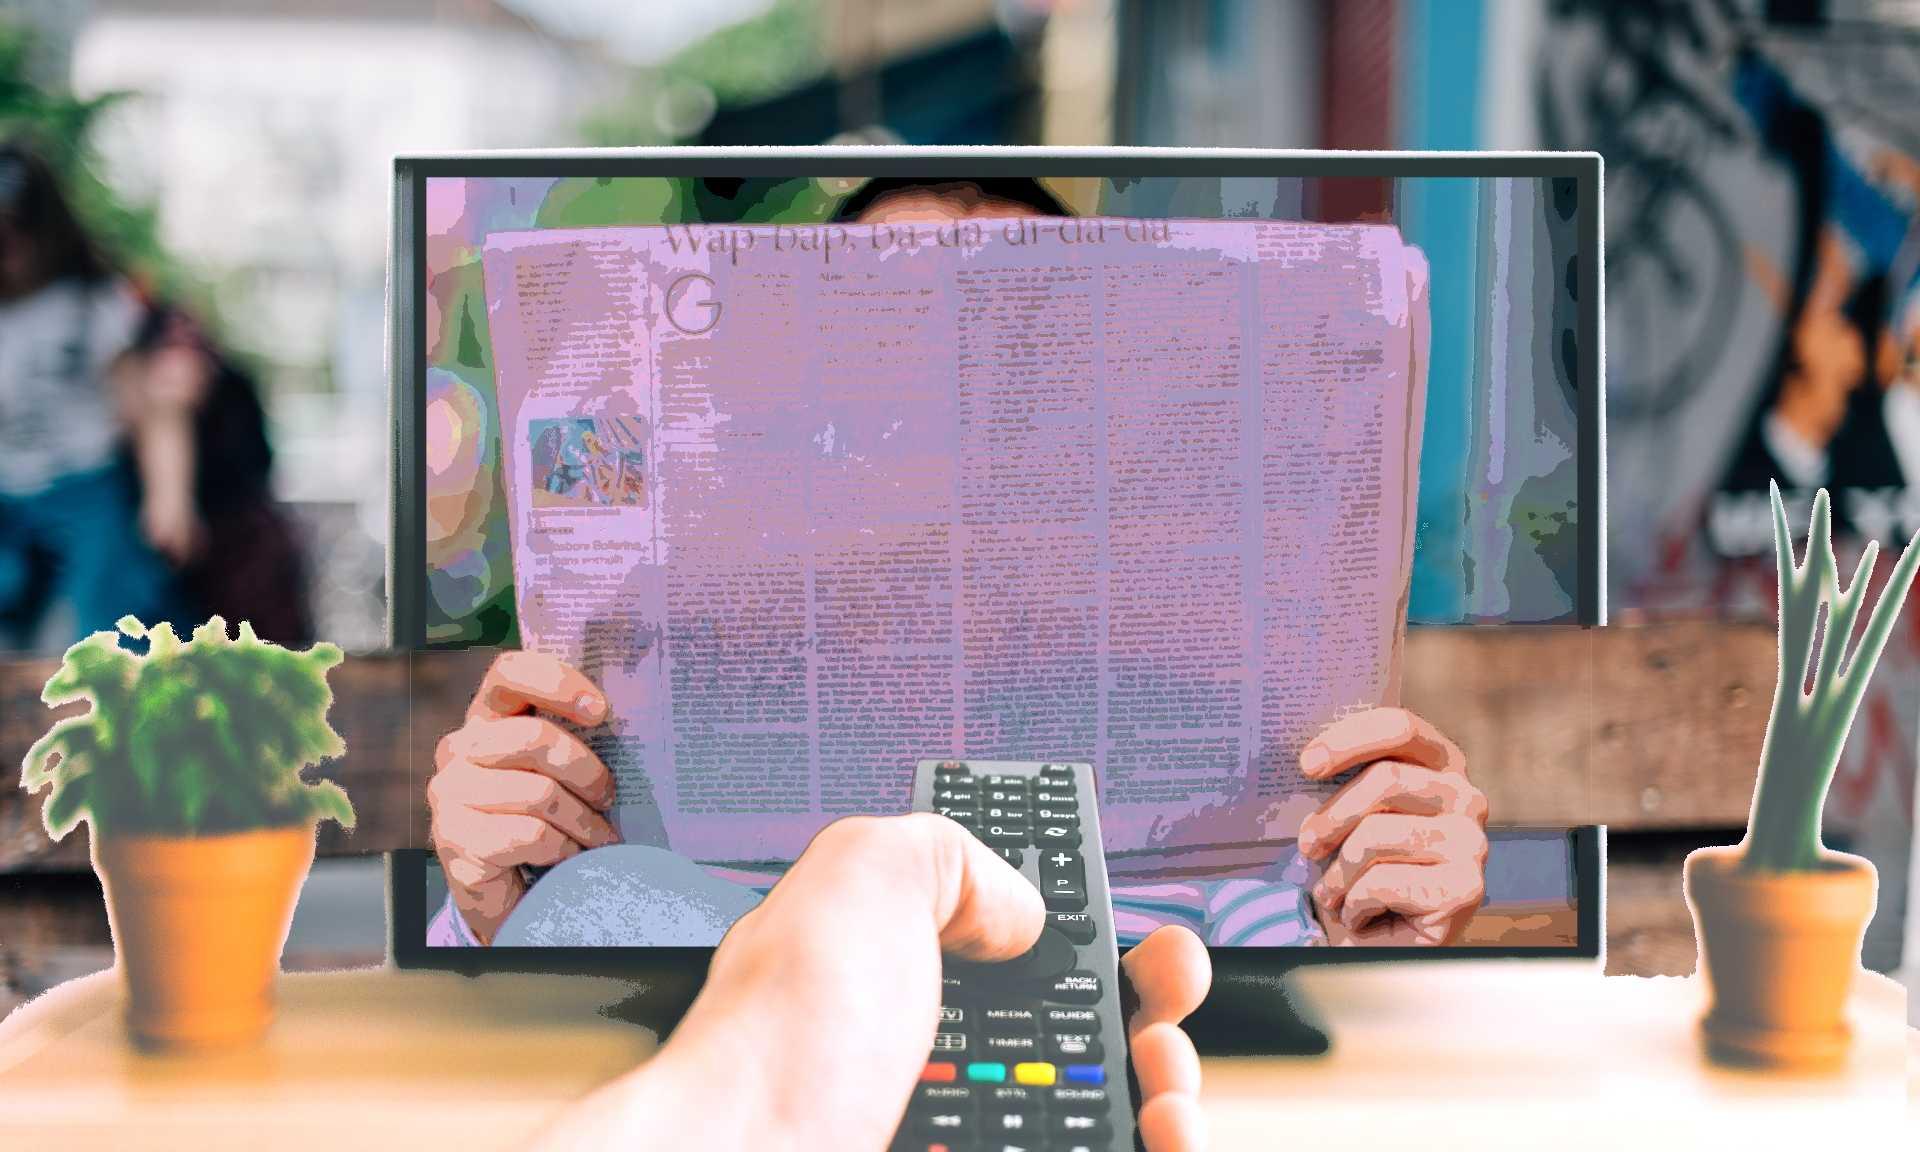 afbeelding: tv zappen krant lezen doorkijkscherm